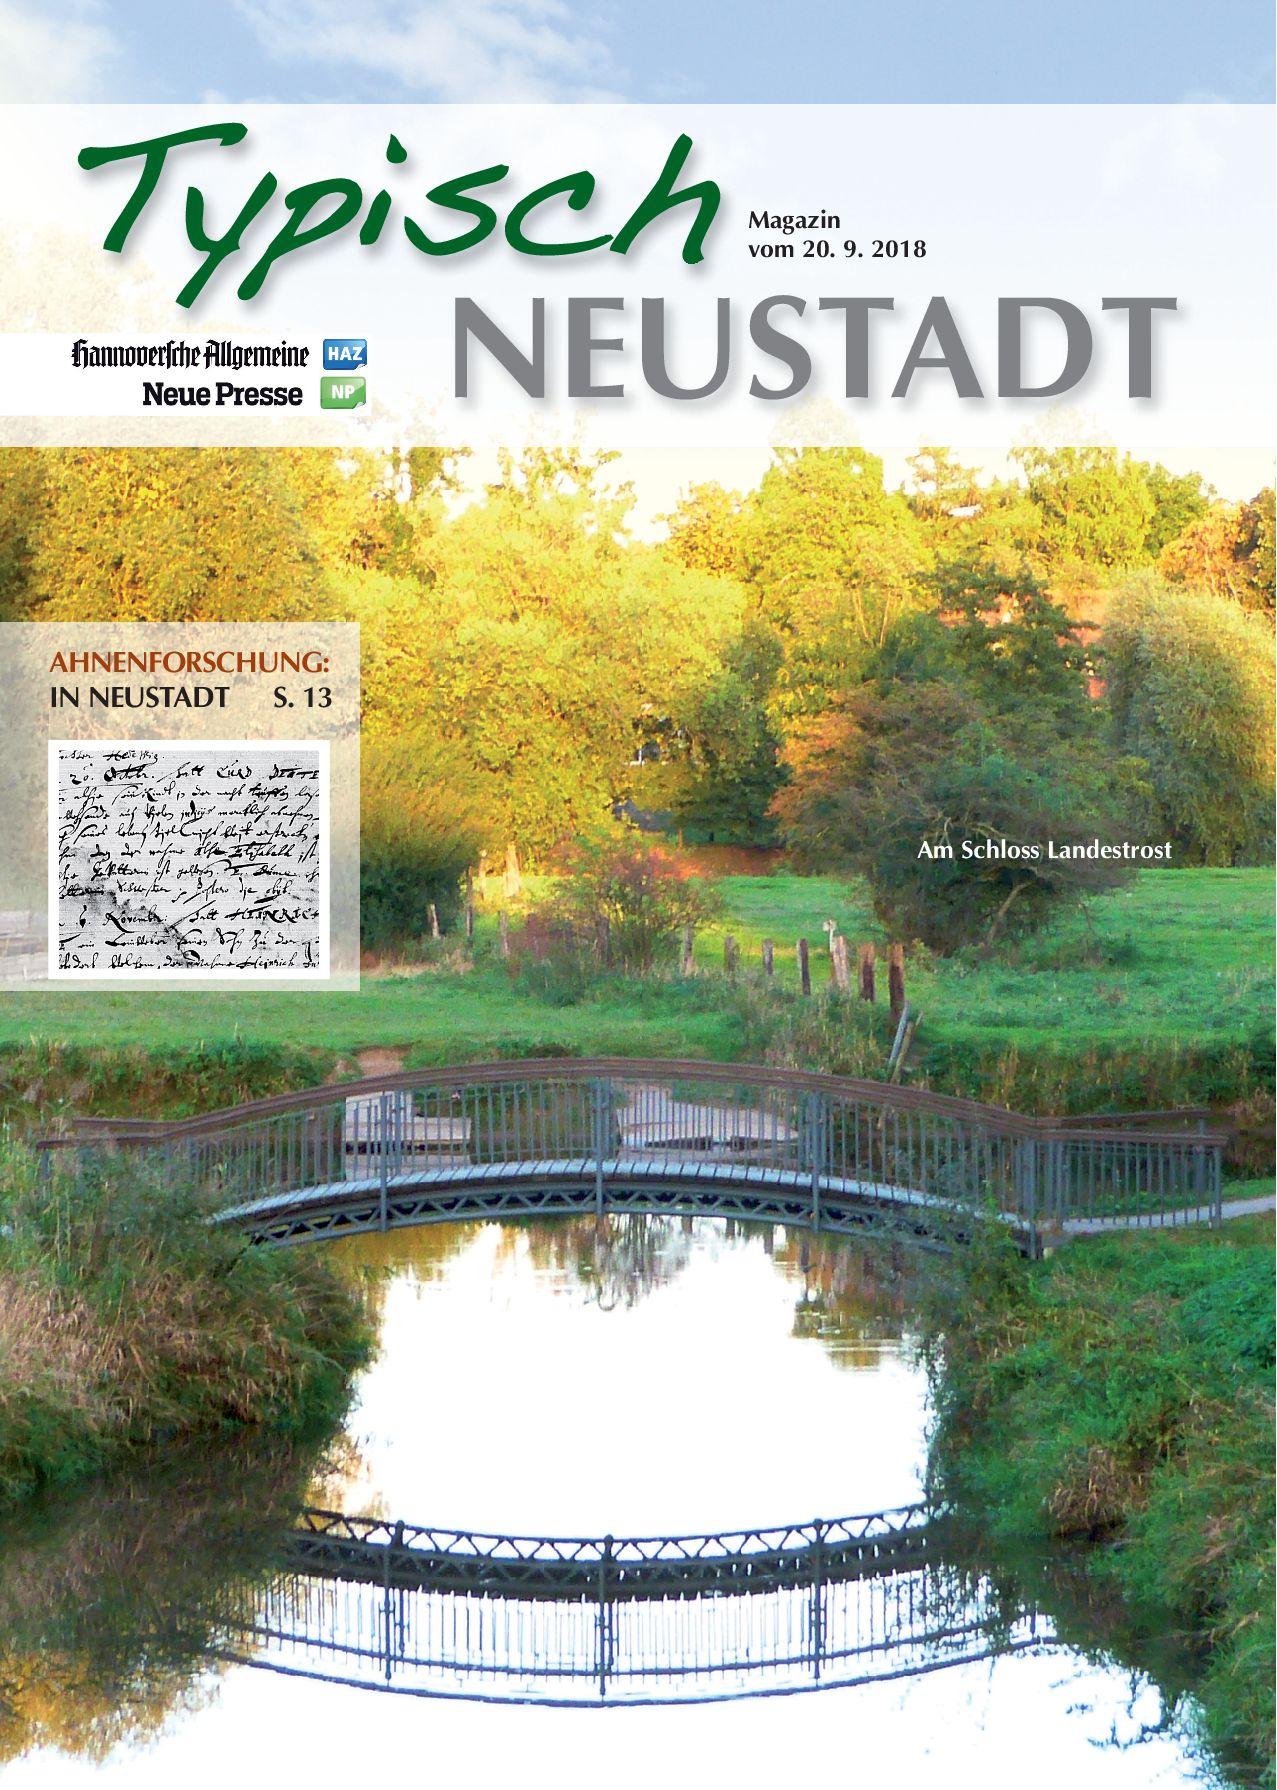 neustadt-vom-20-09-2018